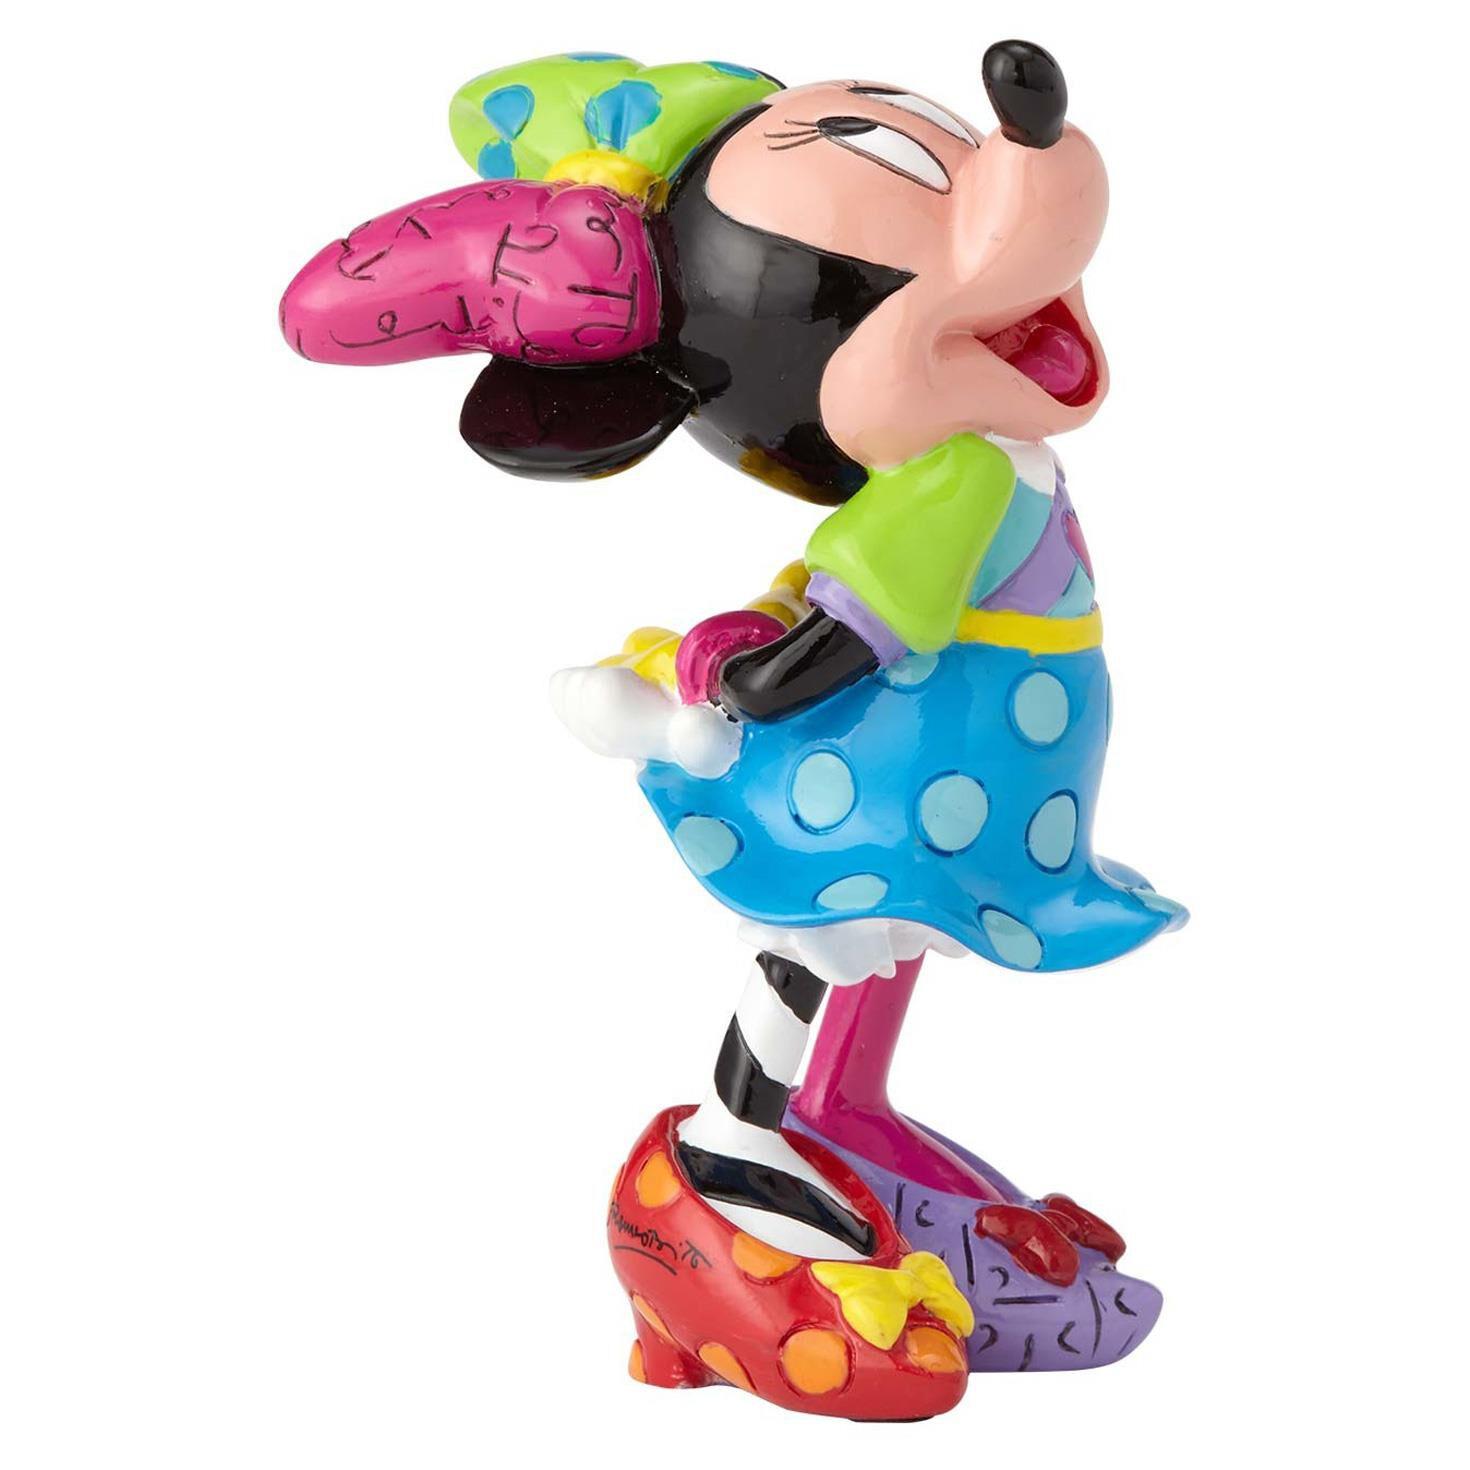 Britto Minnie Mouse Mini Figurine - Figurines - Hallmark